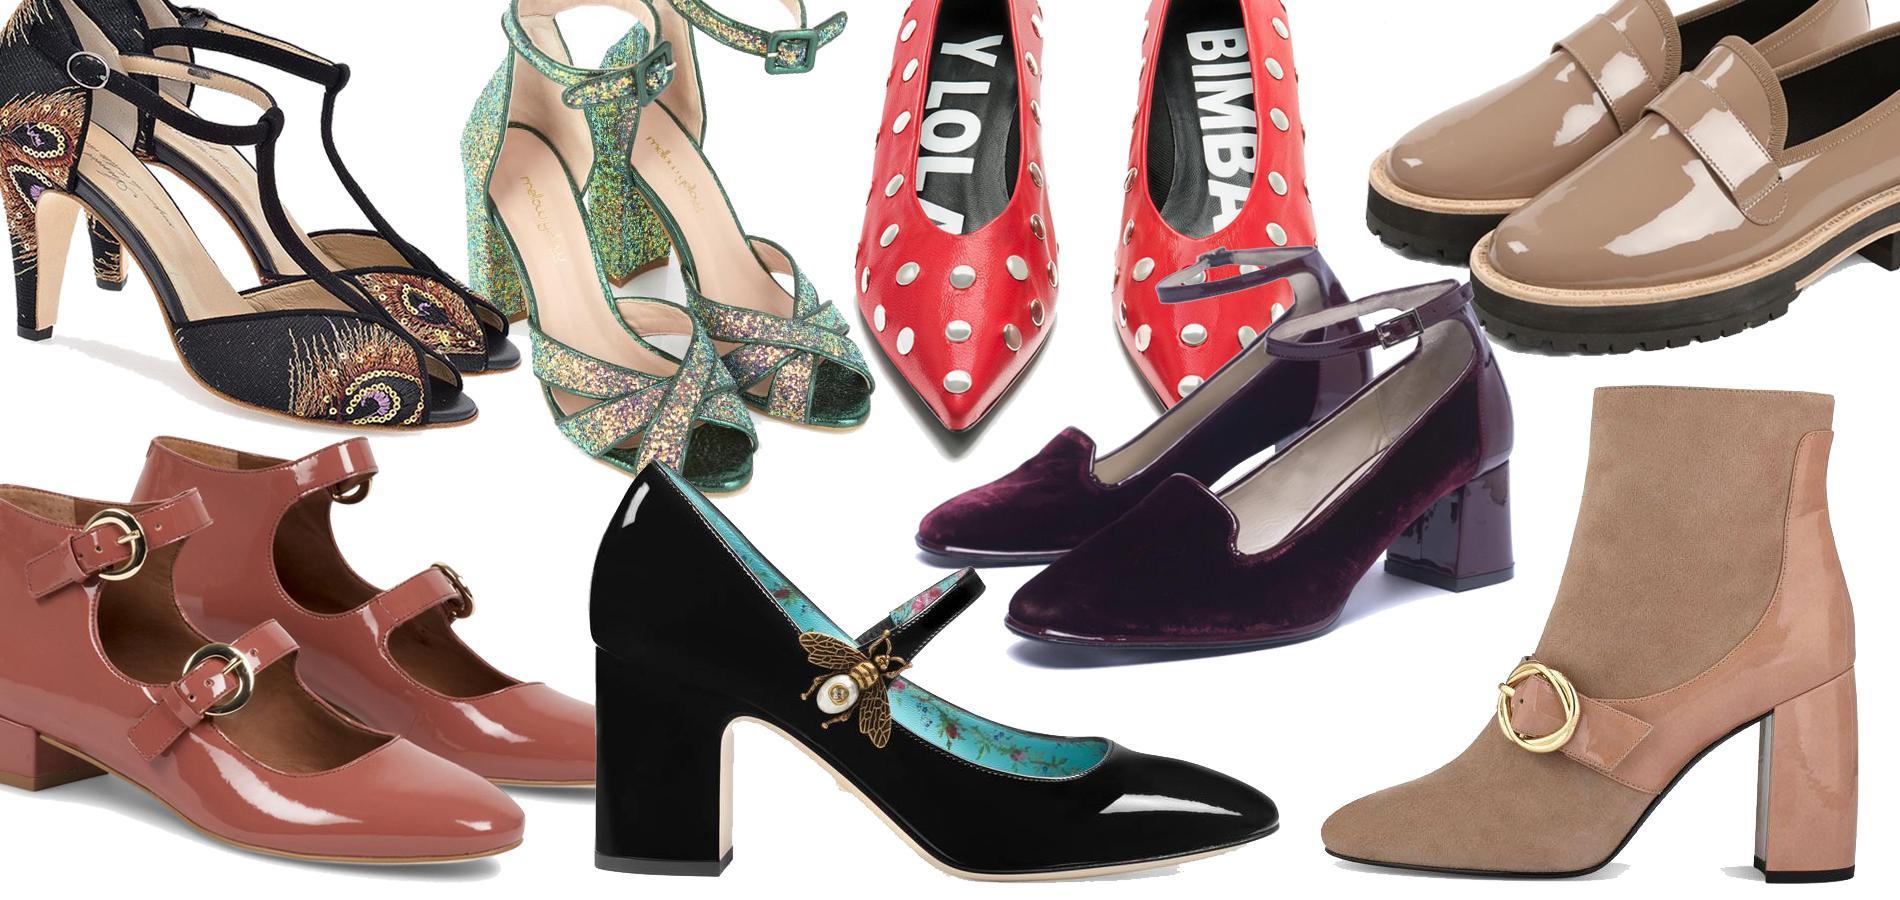 c6c7dd81965b Les 40 paires de chaussures pour affronter la saison avec style ...